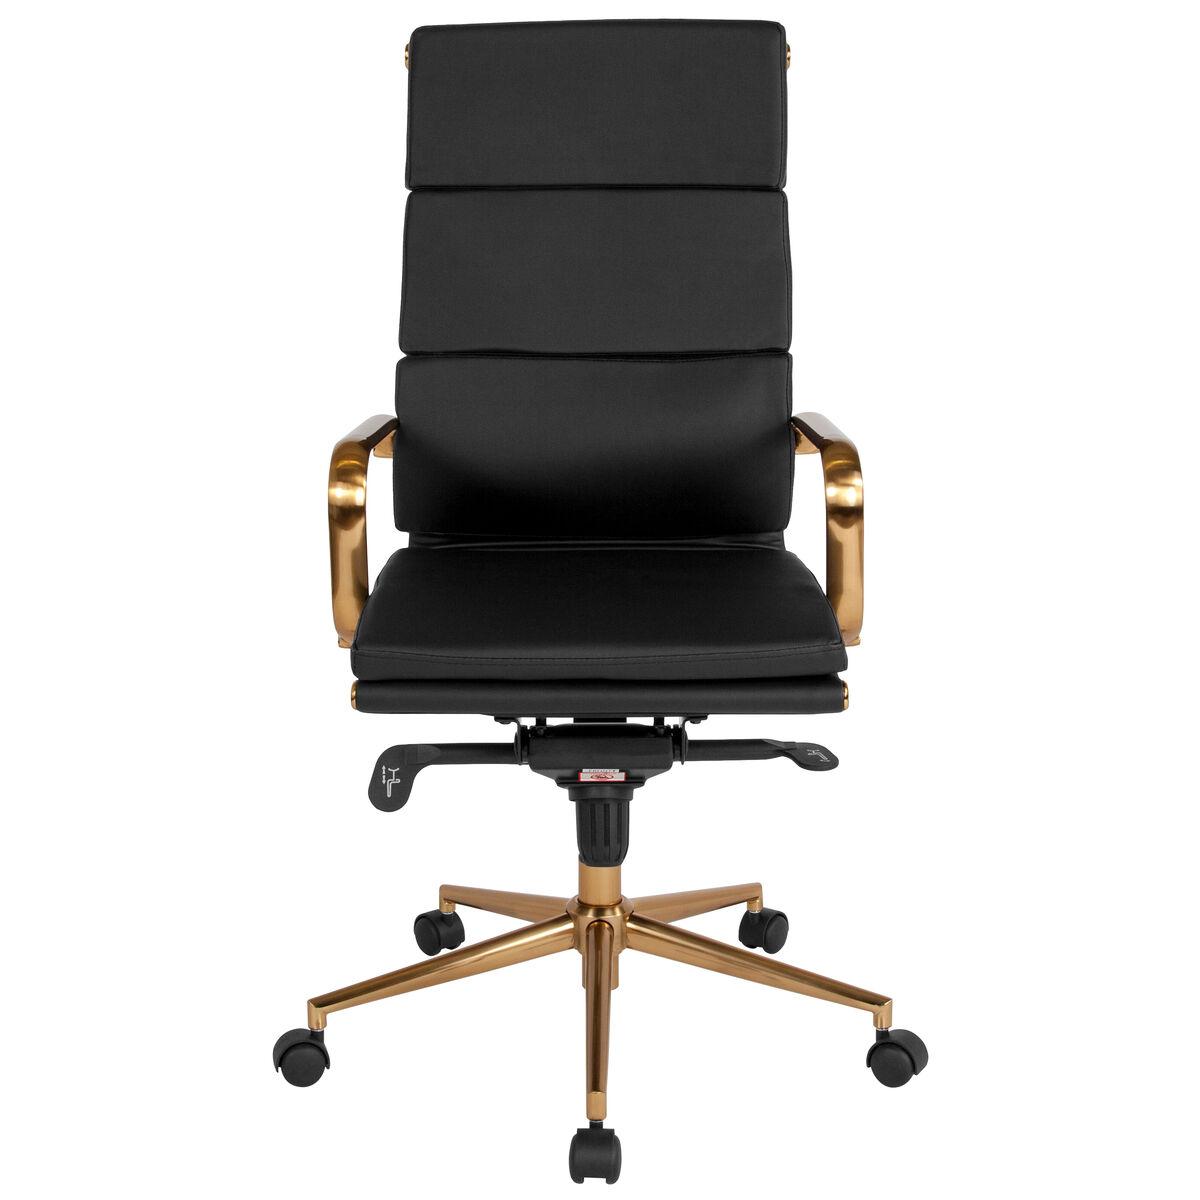 Black High Back Office Chair Bt 9895h 6 Bk Gd Gg